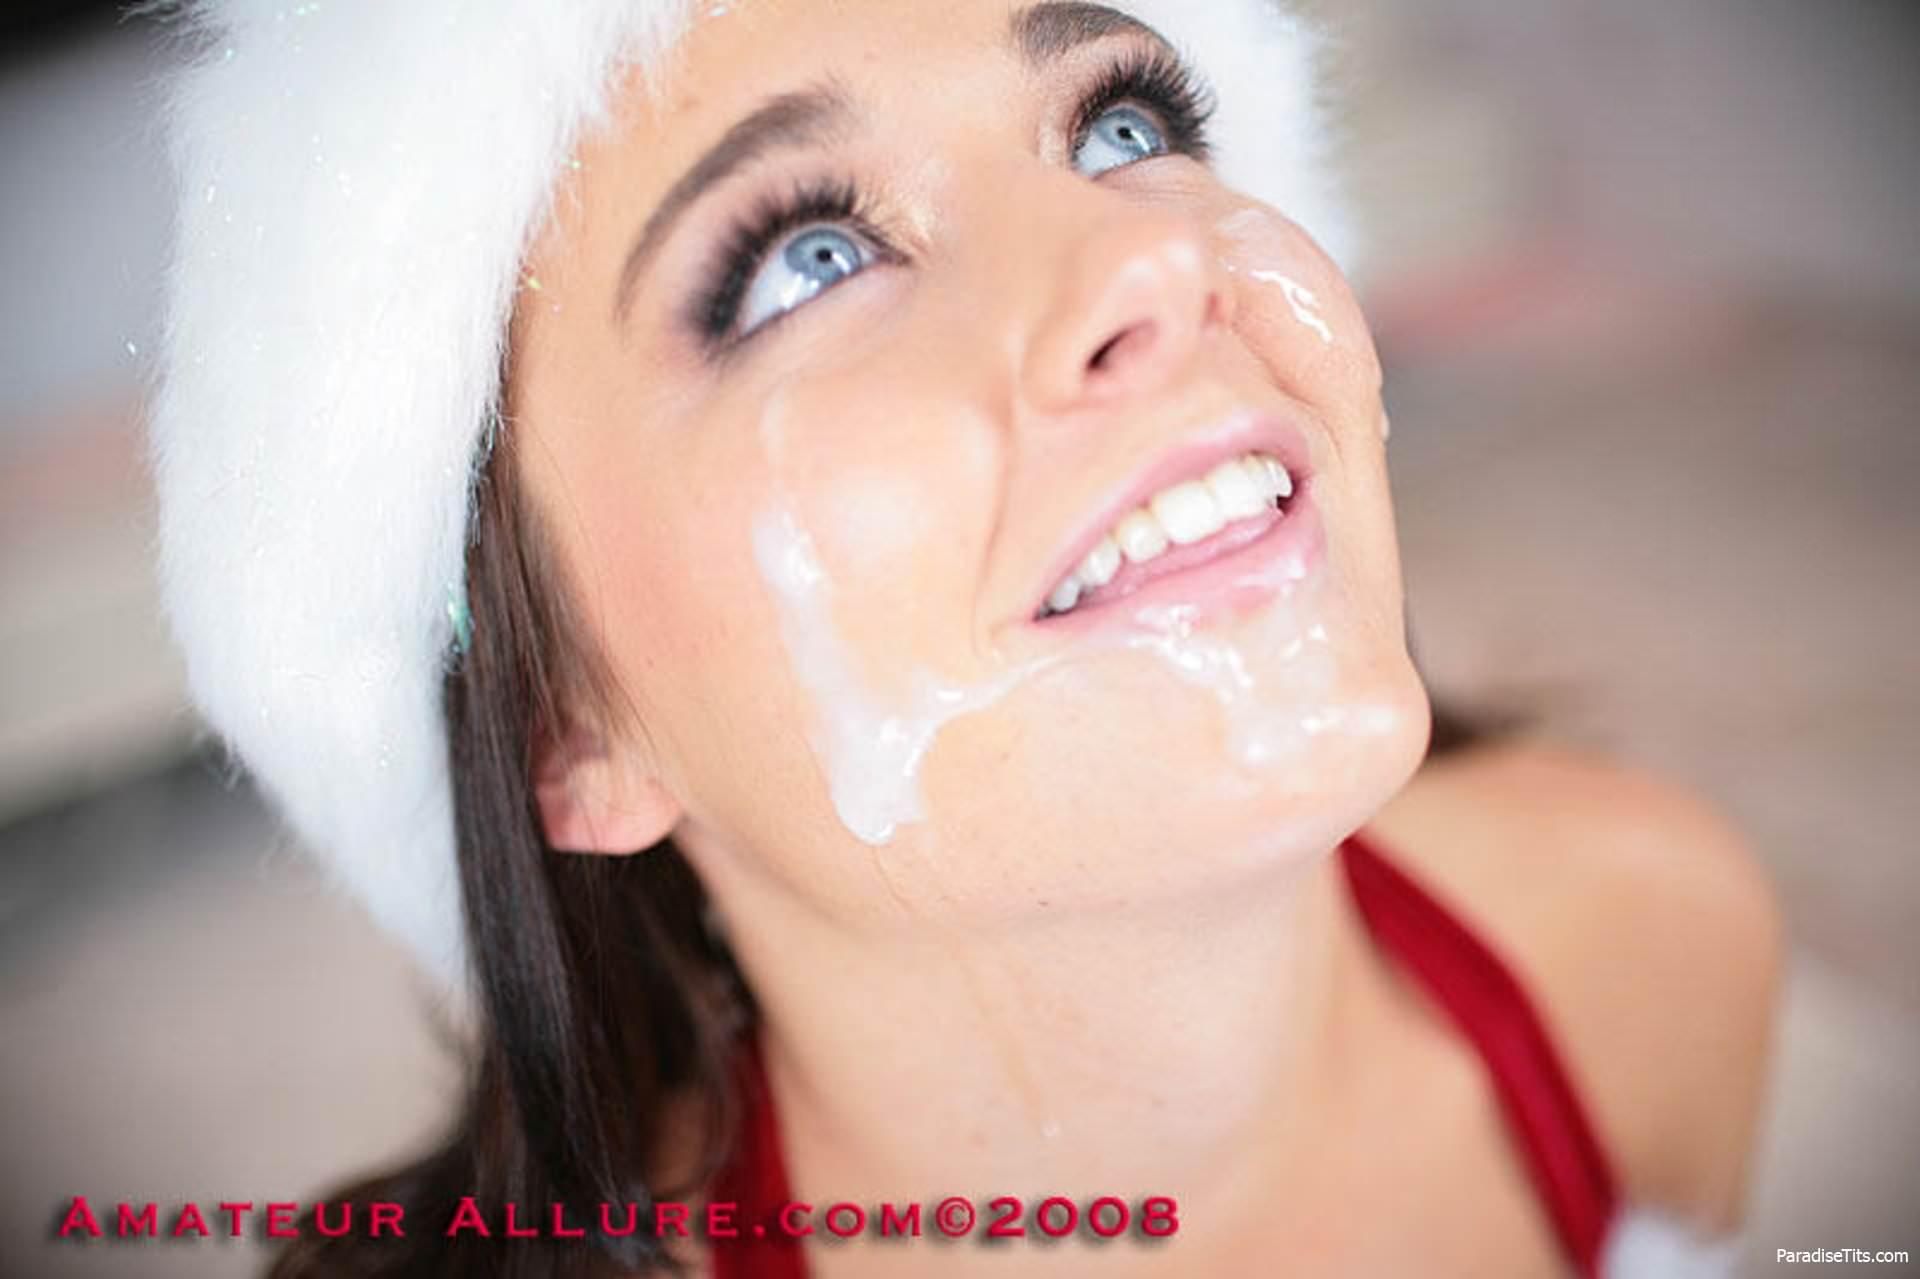 Снегурочки со спермой на большой груди, порно девушка очень хочет огромный член